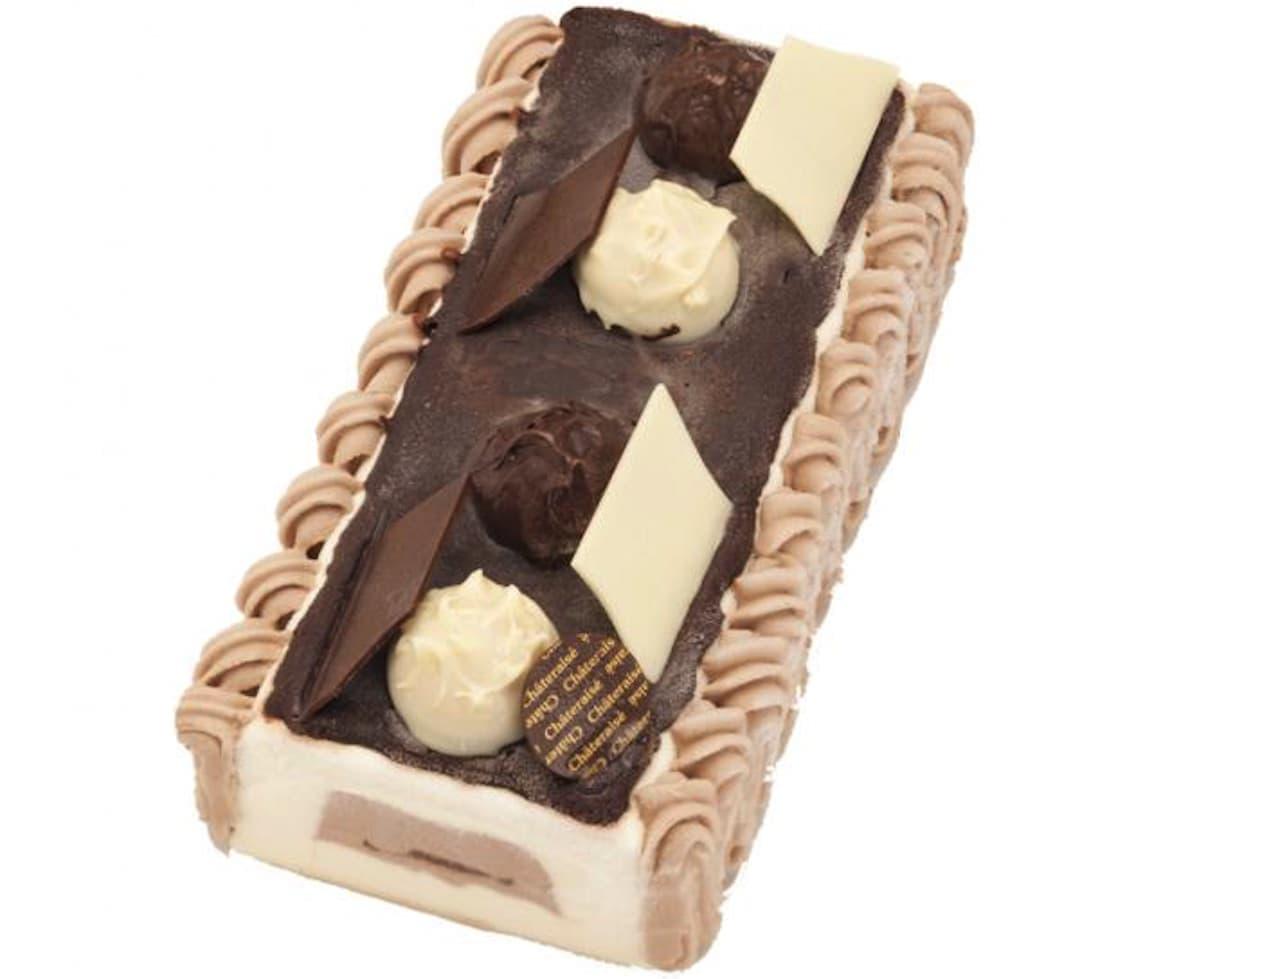 シャトレーゼ「デザートアイスケーキ チョコレートバニラ」